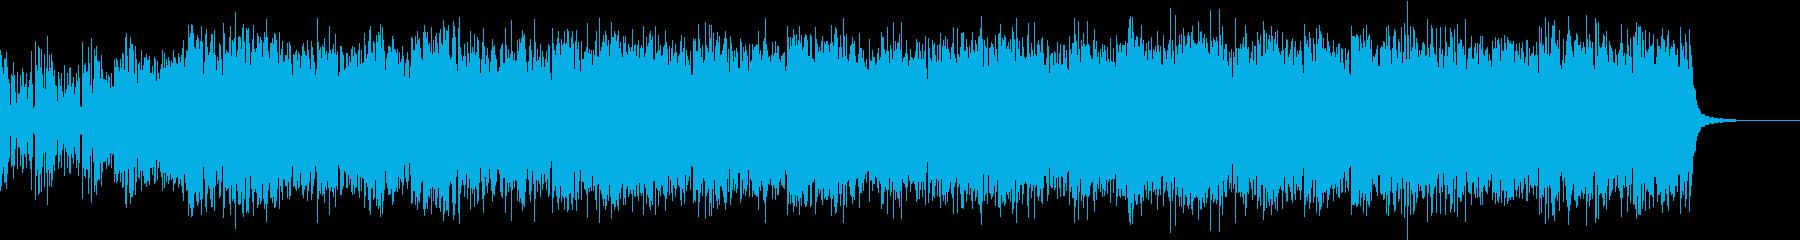 爽やかな風が吹くシンセサイザーポップの再生済みの波形